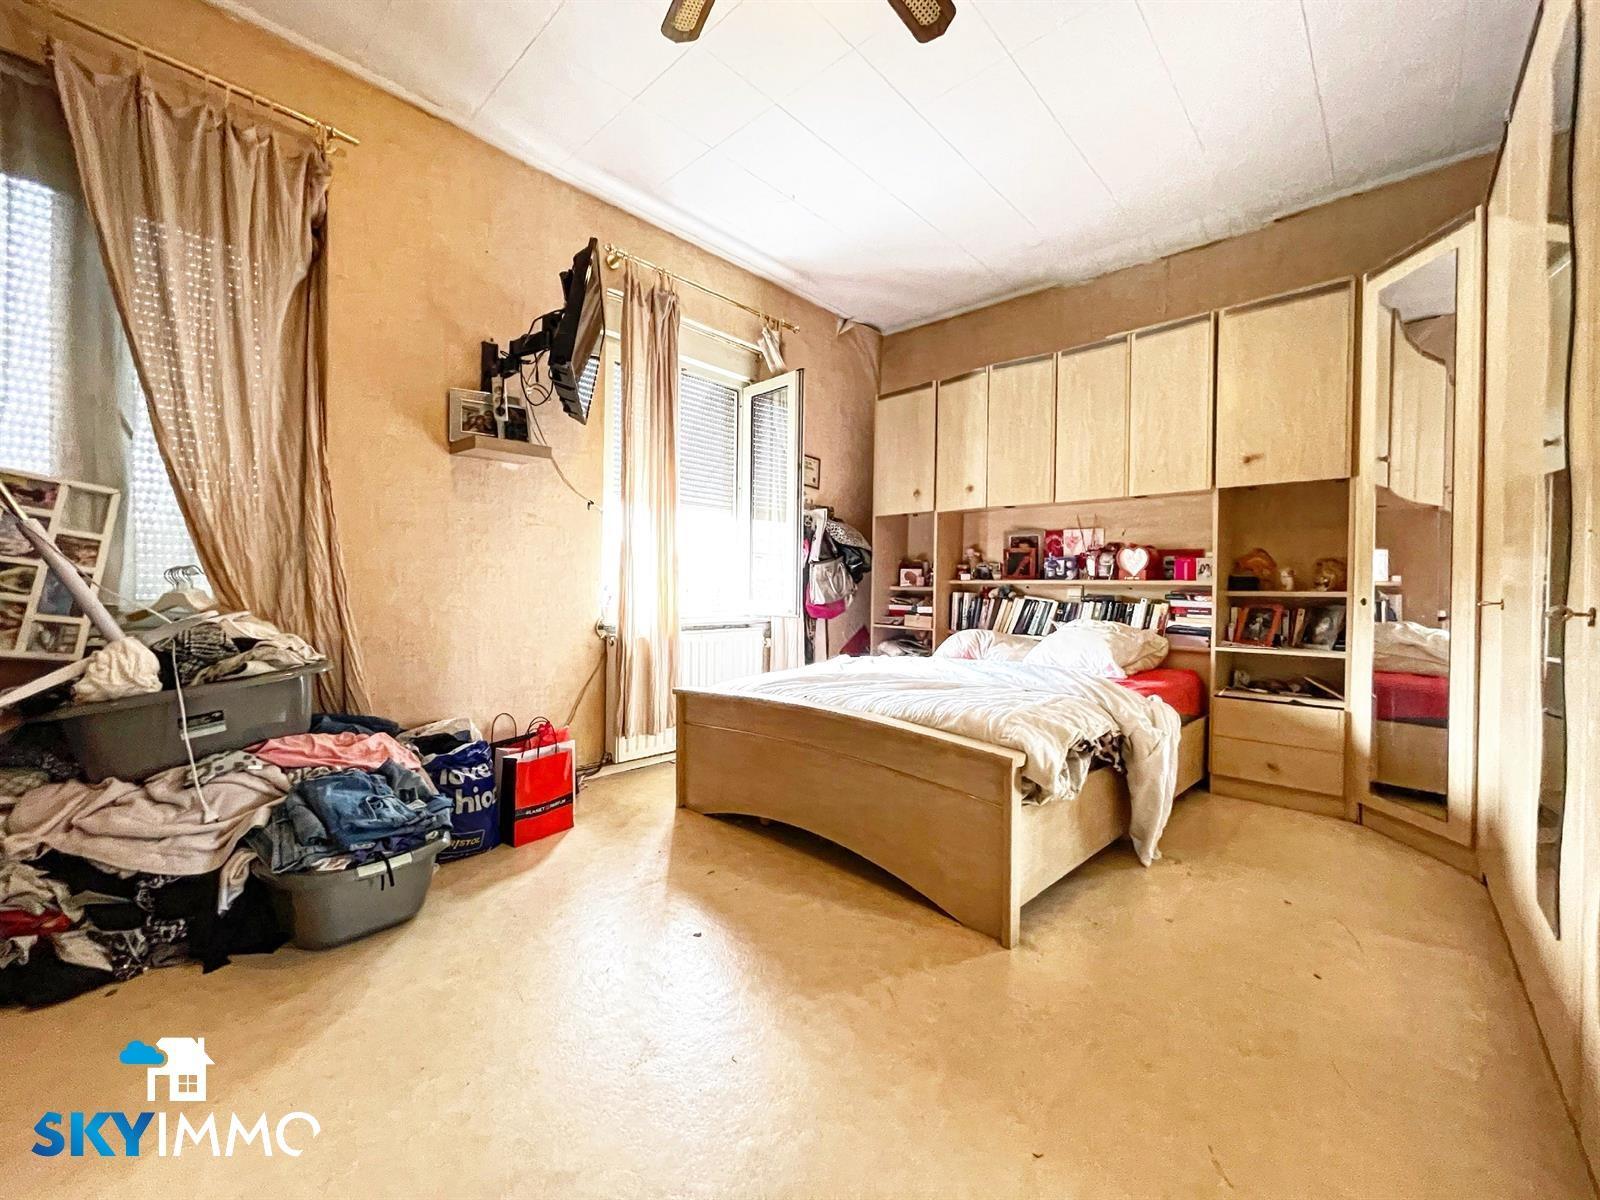 Maison - Seraing - #4448423-15